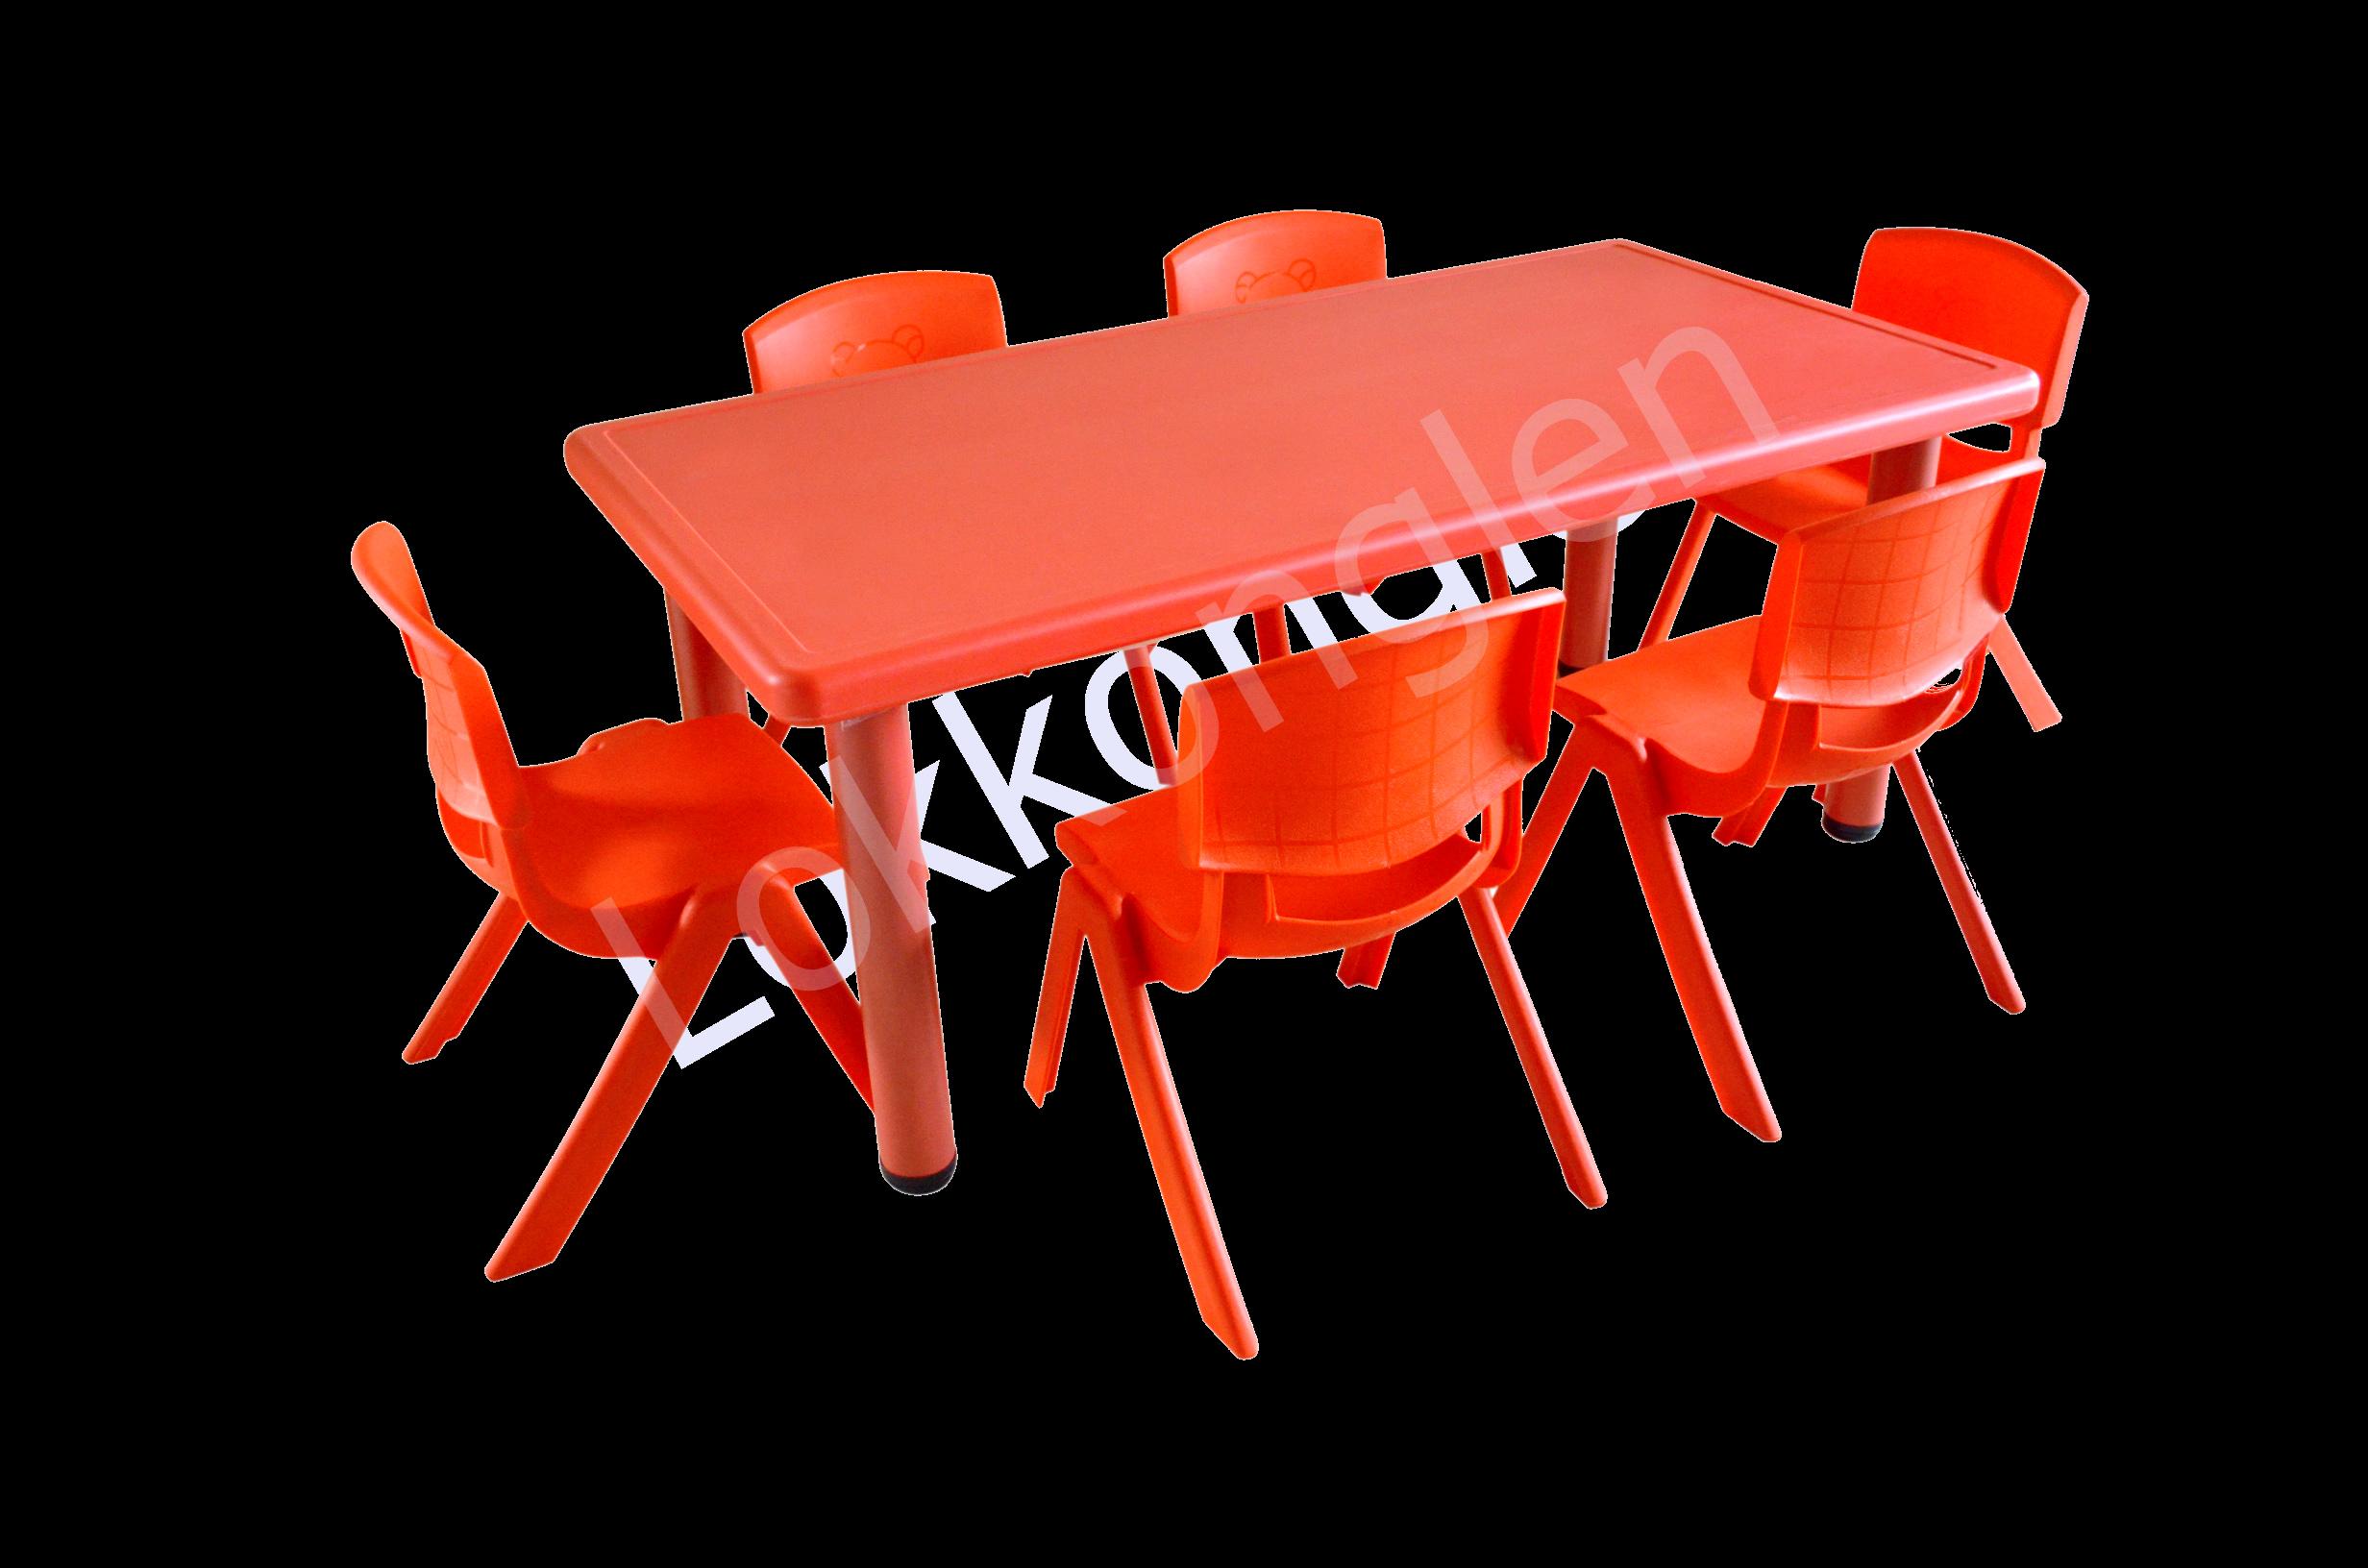 ชุดโต๊ะสี่เหลี่ยมผืนผ้า สีแดง